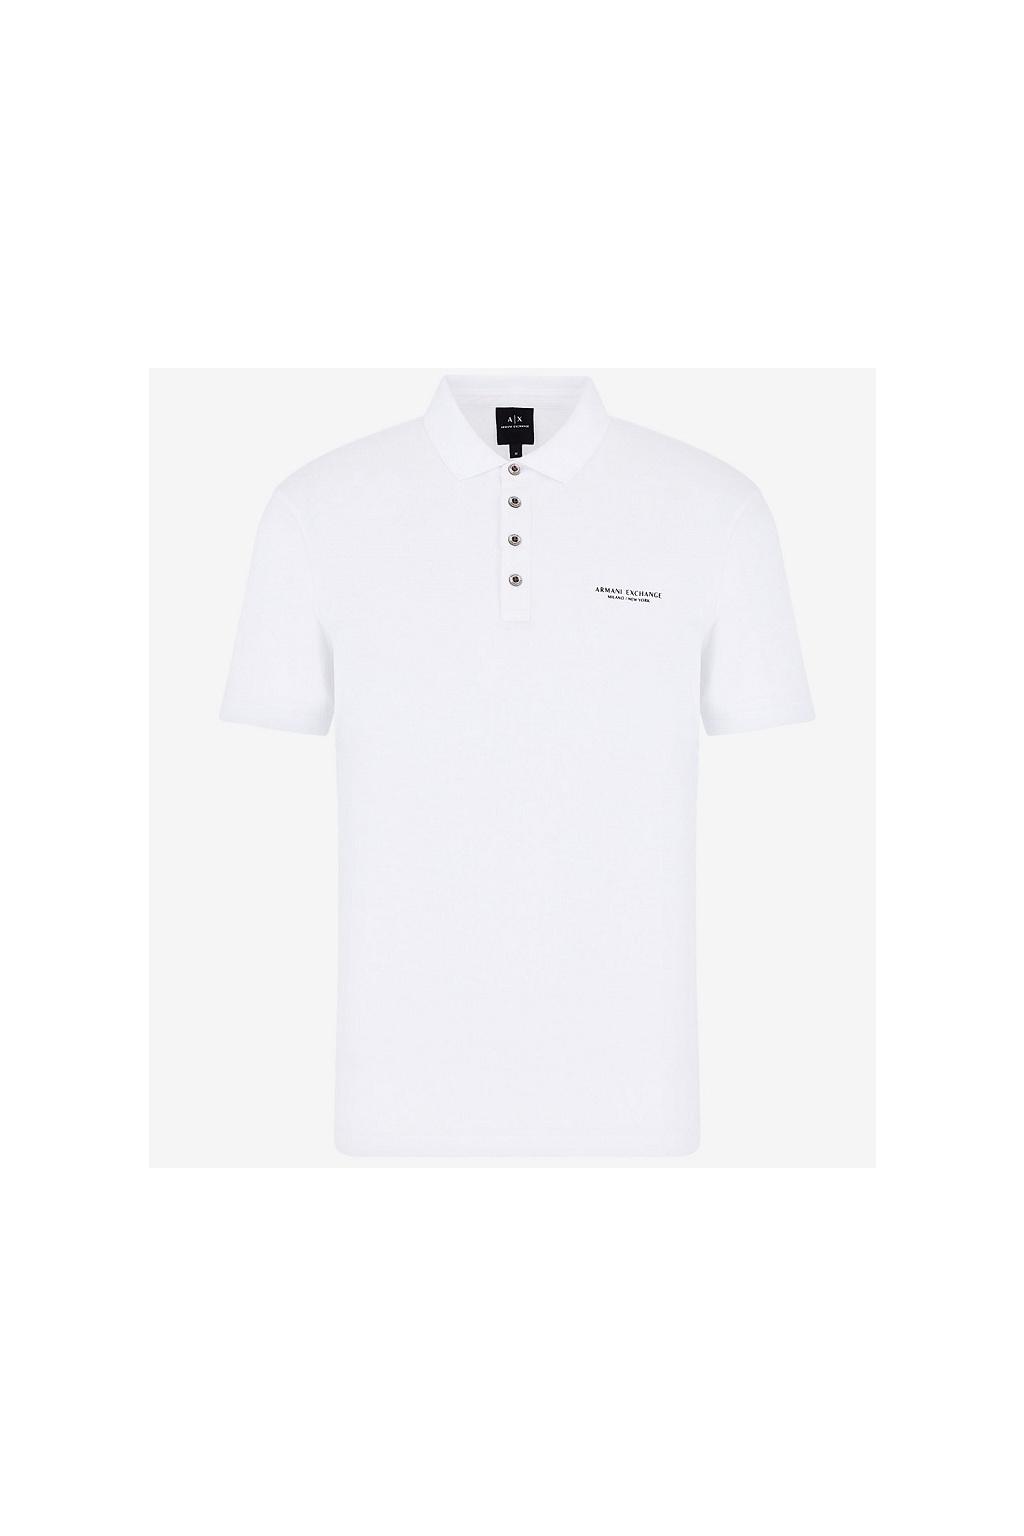 8NZF80 Z8H4Z Pánské tričko Armani Exchange bílé